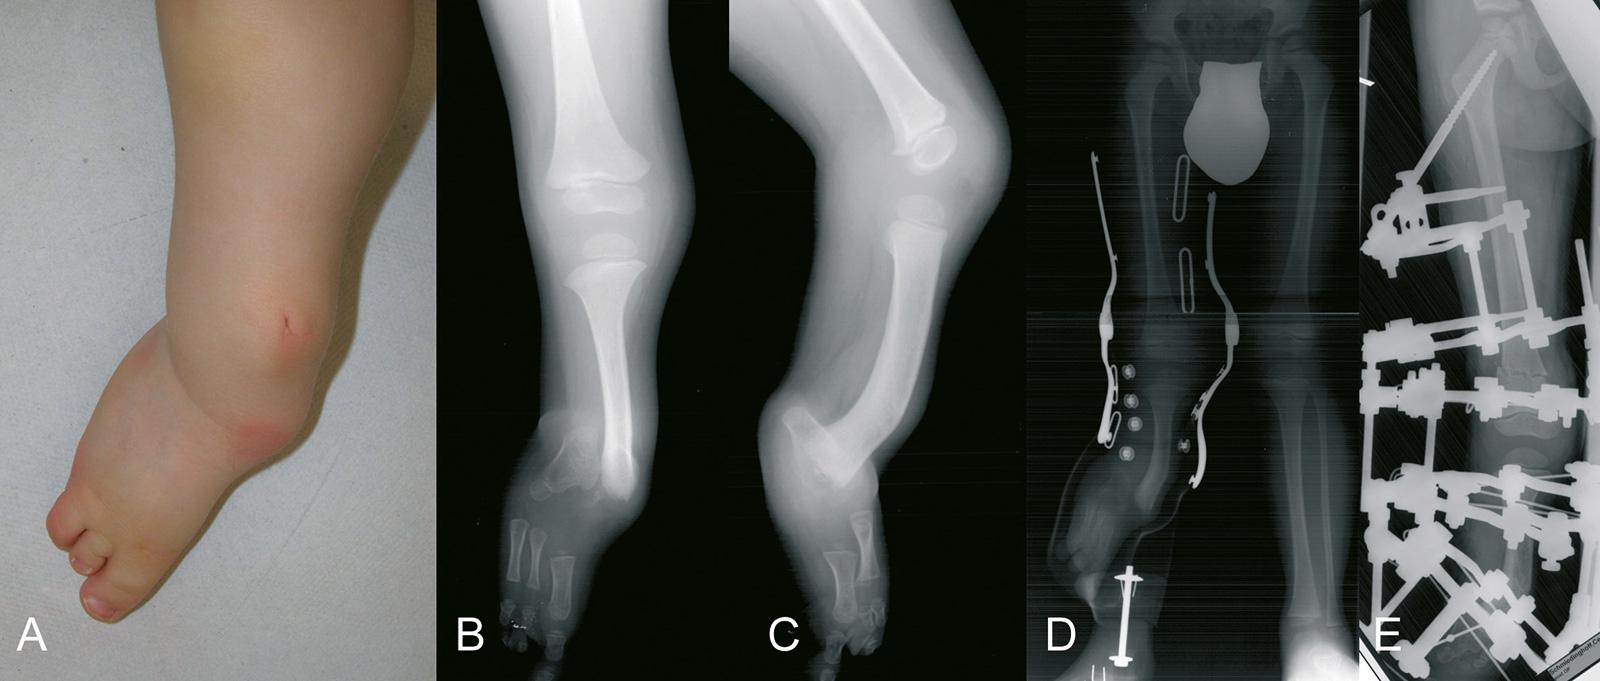 Abb. 4-46: Fibulaaplasie (A-C), Versorgung mit Etagenschuh (D), Fixateur-assistierte Verlängerung und Deformitätenkorrektur (E)